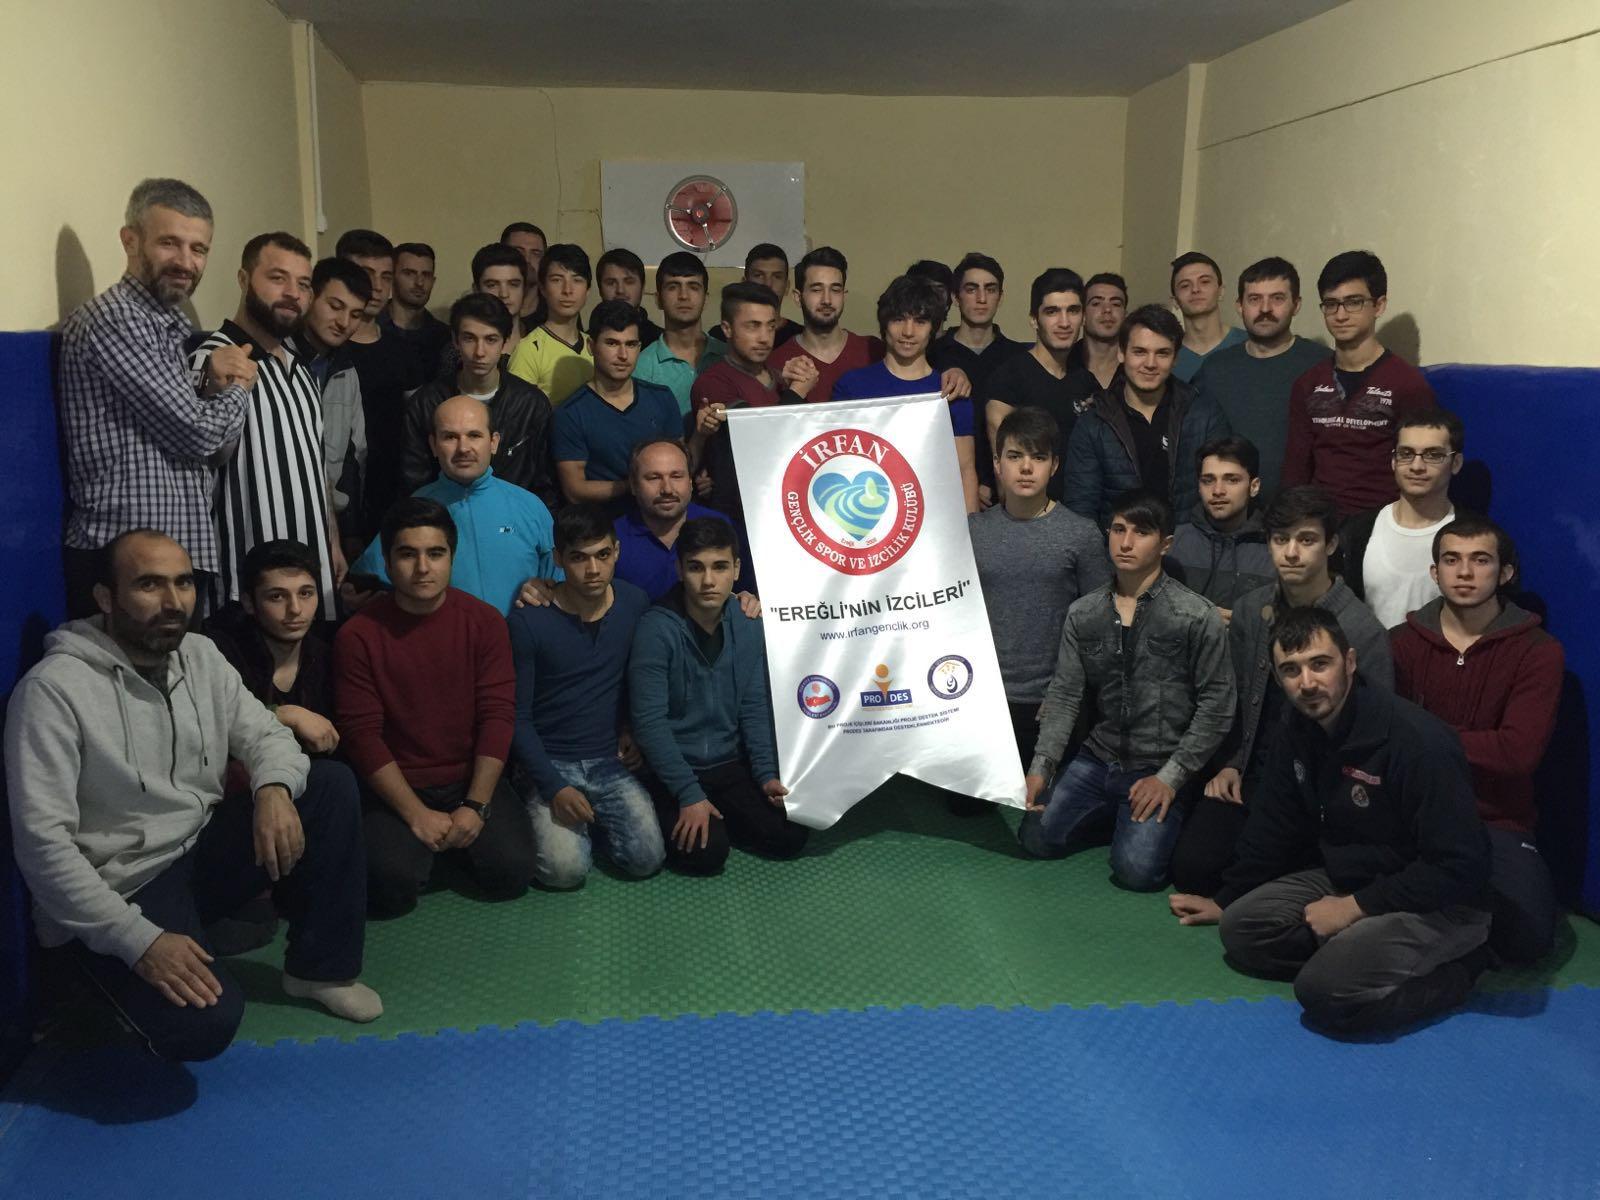 Konya Ereğli İrfan Gençlik, Bölgesel Bilek Güreşi Yarışması Düzenledi